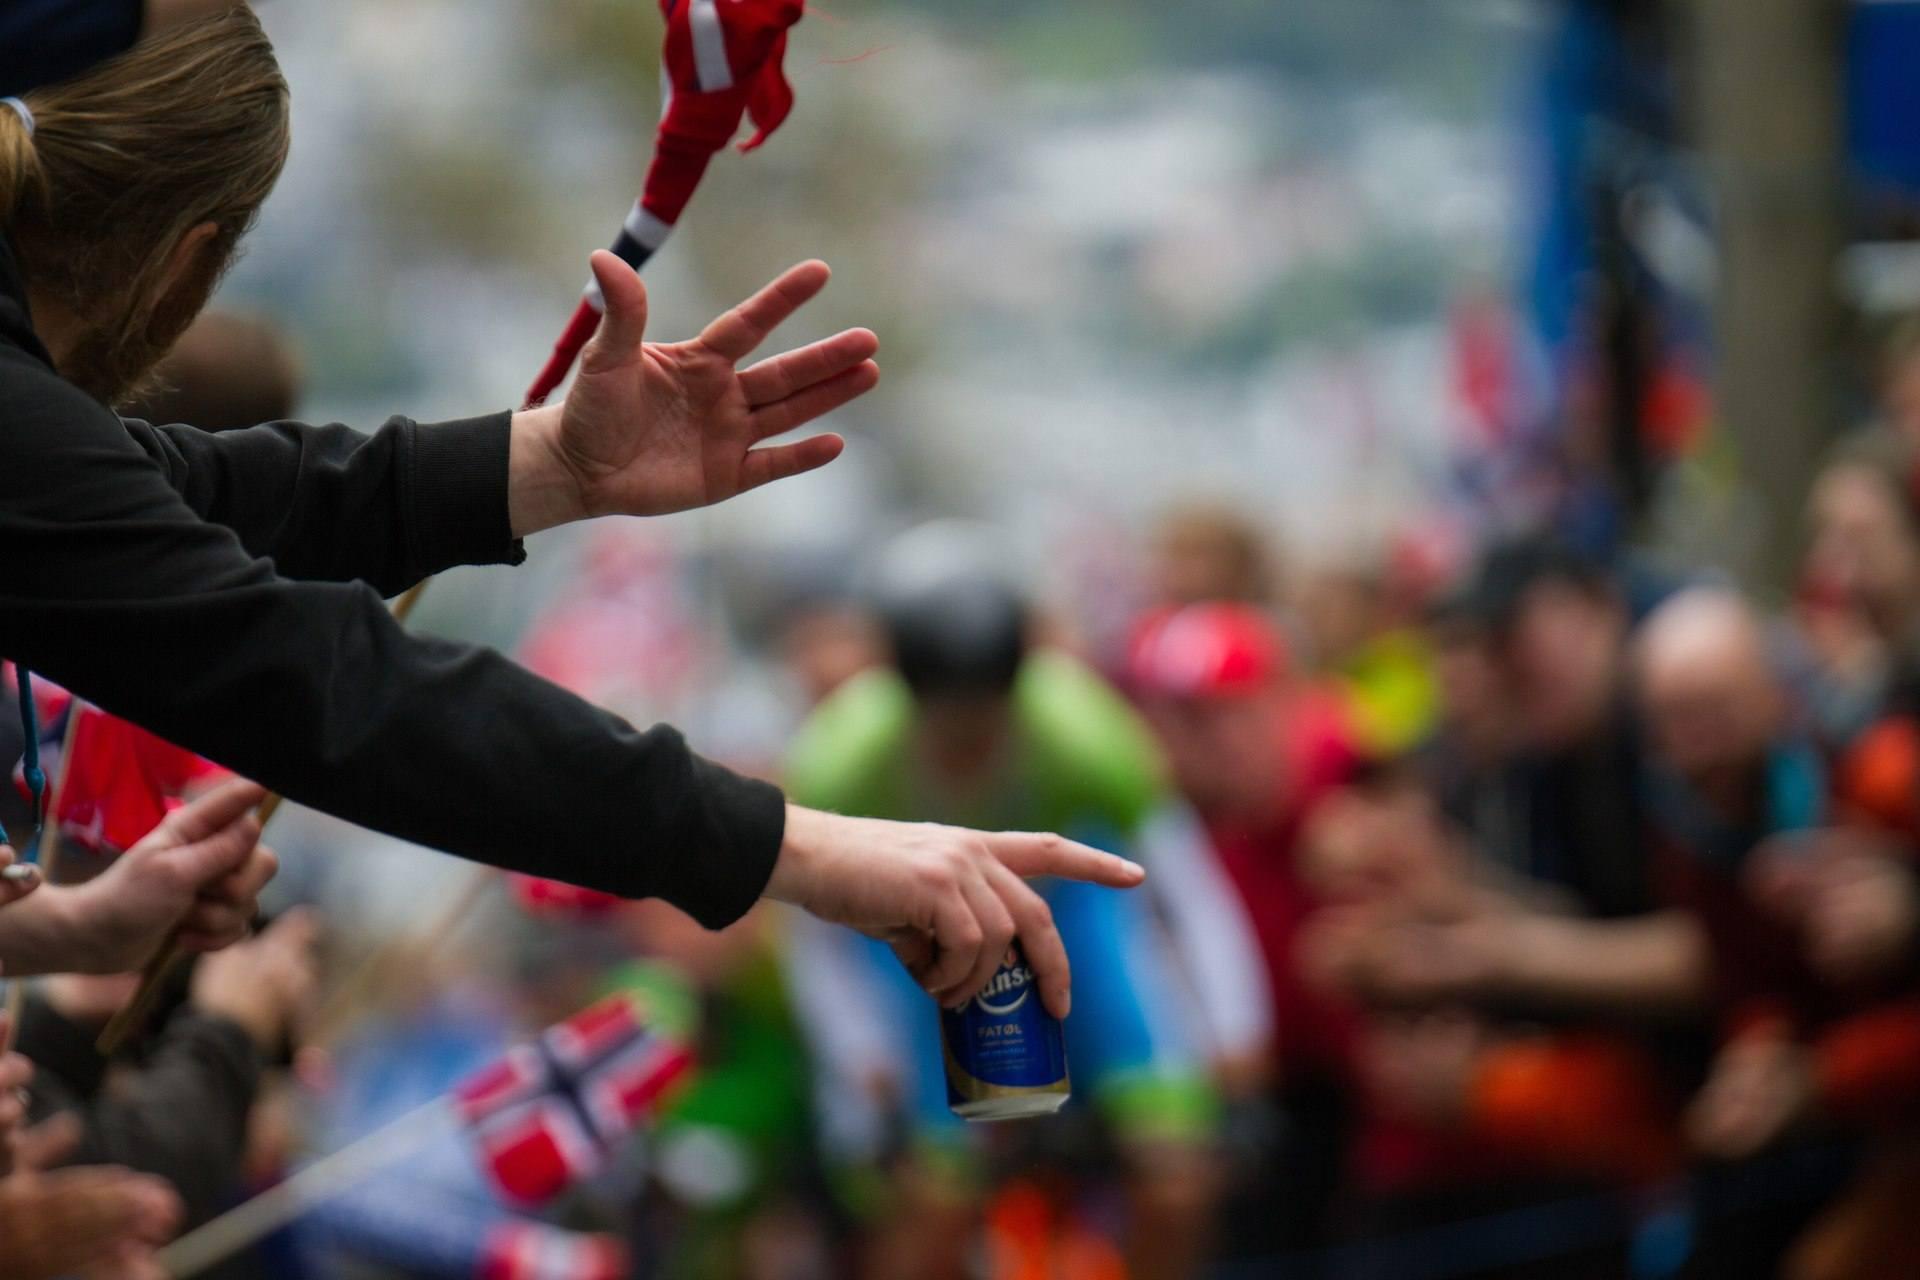 ロードレース世界選手権2017エリート男子タイムトライアル